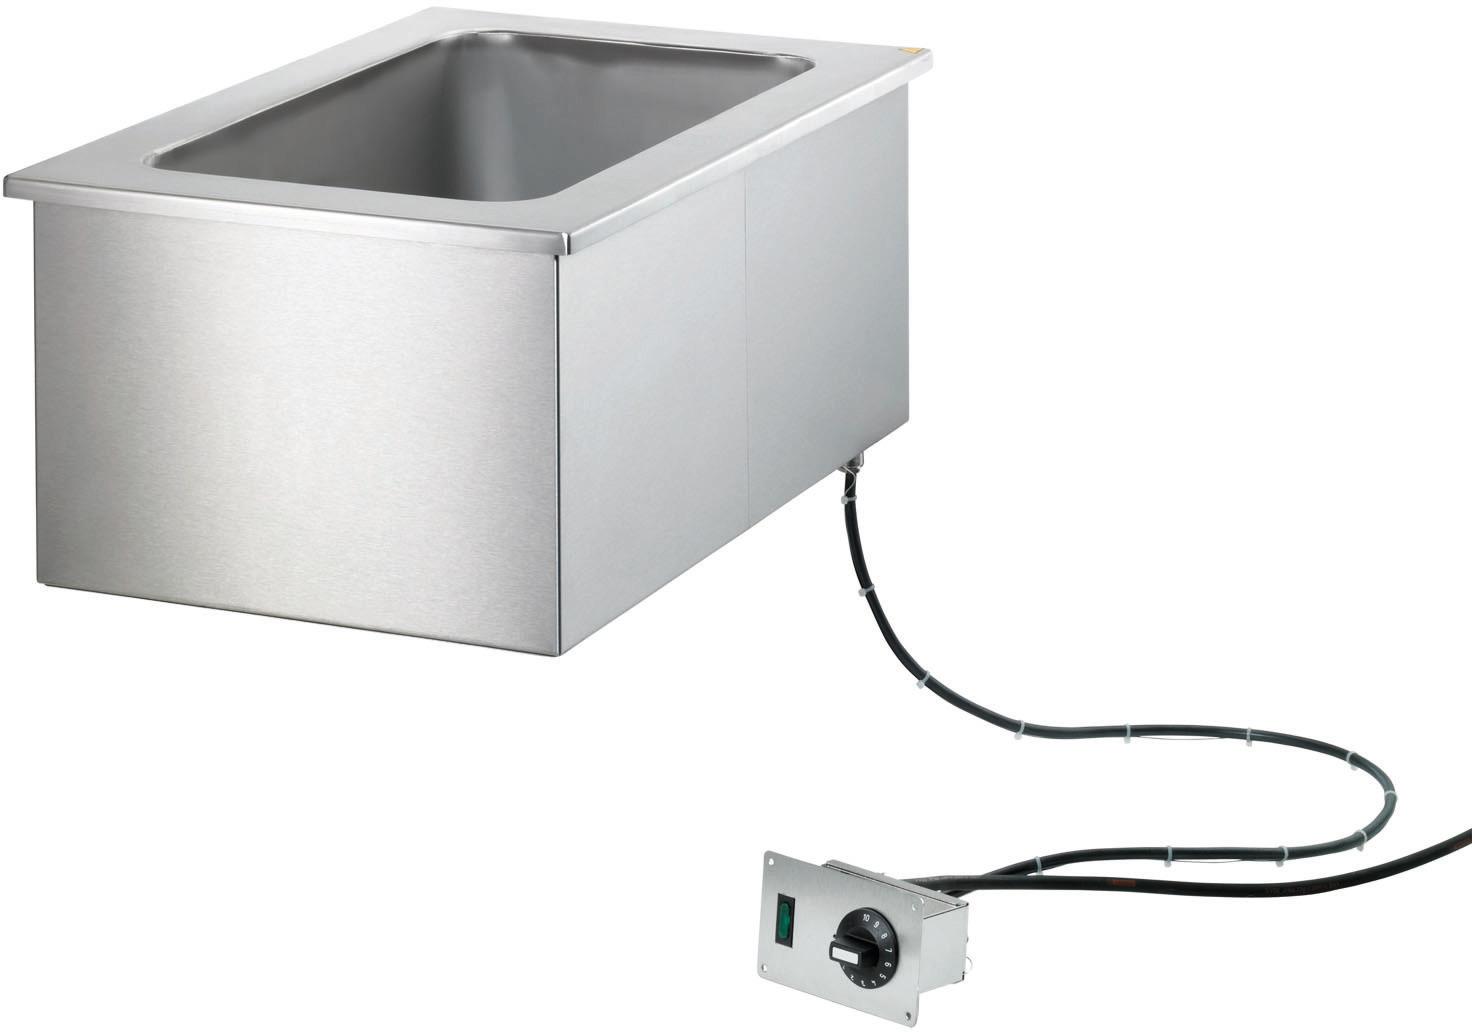 Elektro-Bain Marie Einbaugerät 4 x GN  1/1 - 200 mm tief / manuelle Befüllung